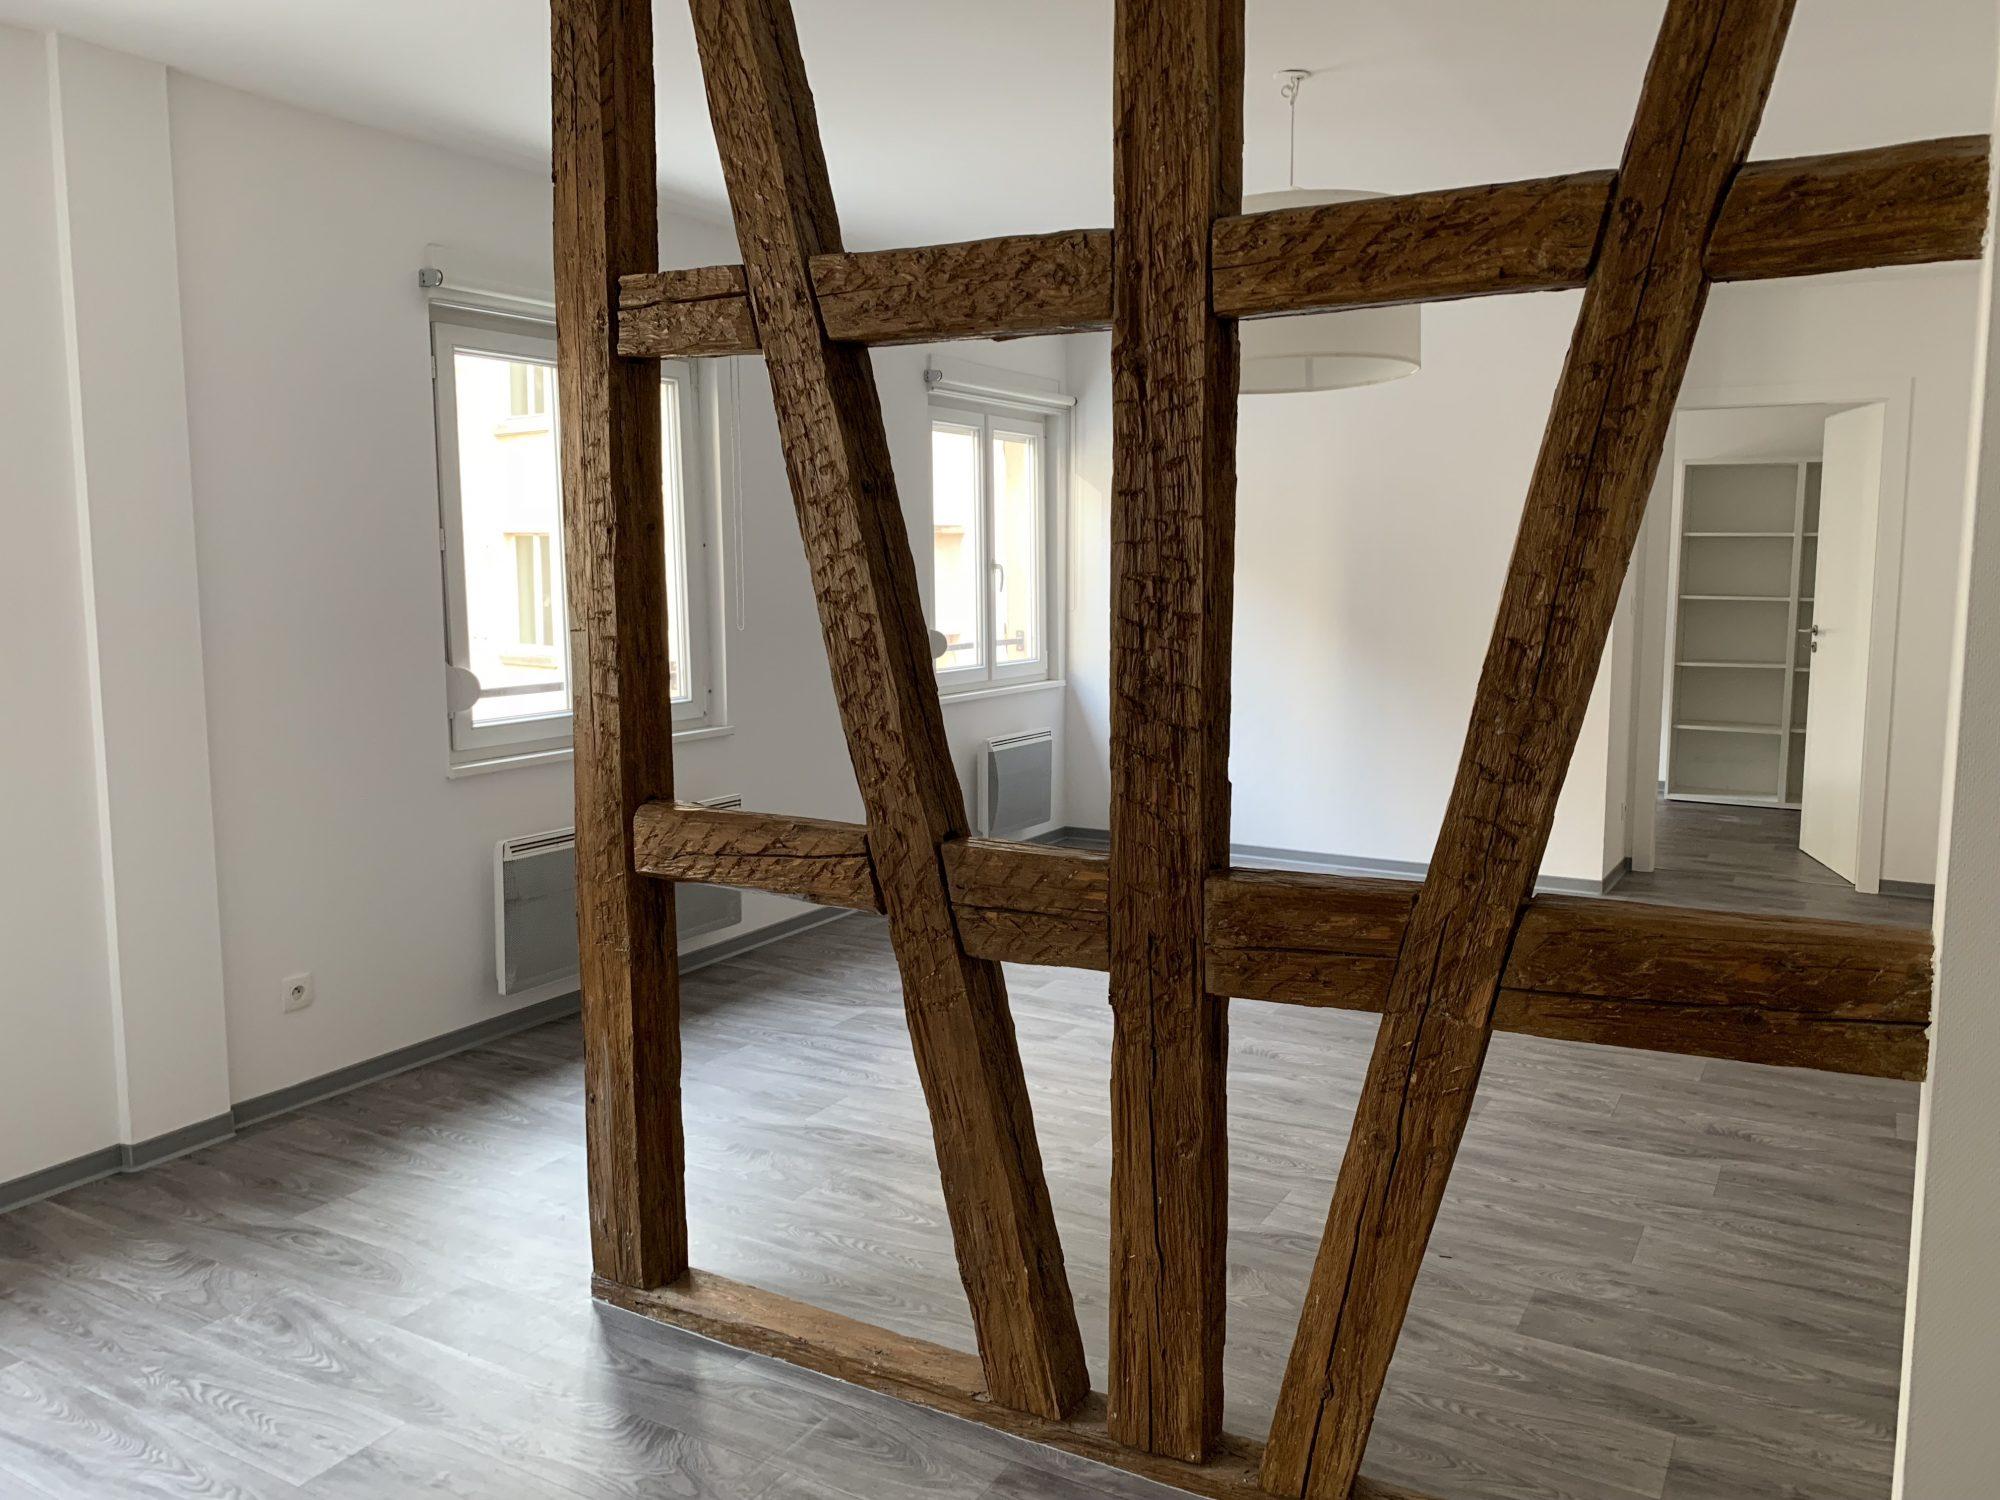 T2 HYPER CENTRE - Devenez locataire en toute sérénité - Bintz Immobilier - 1